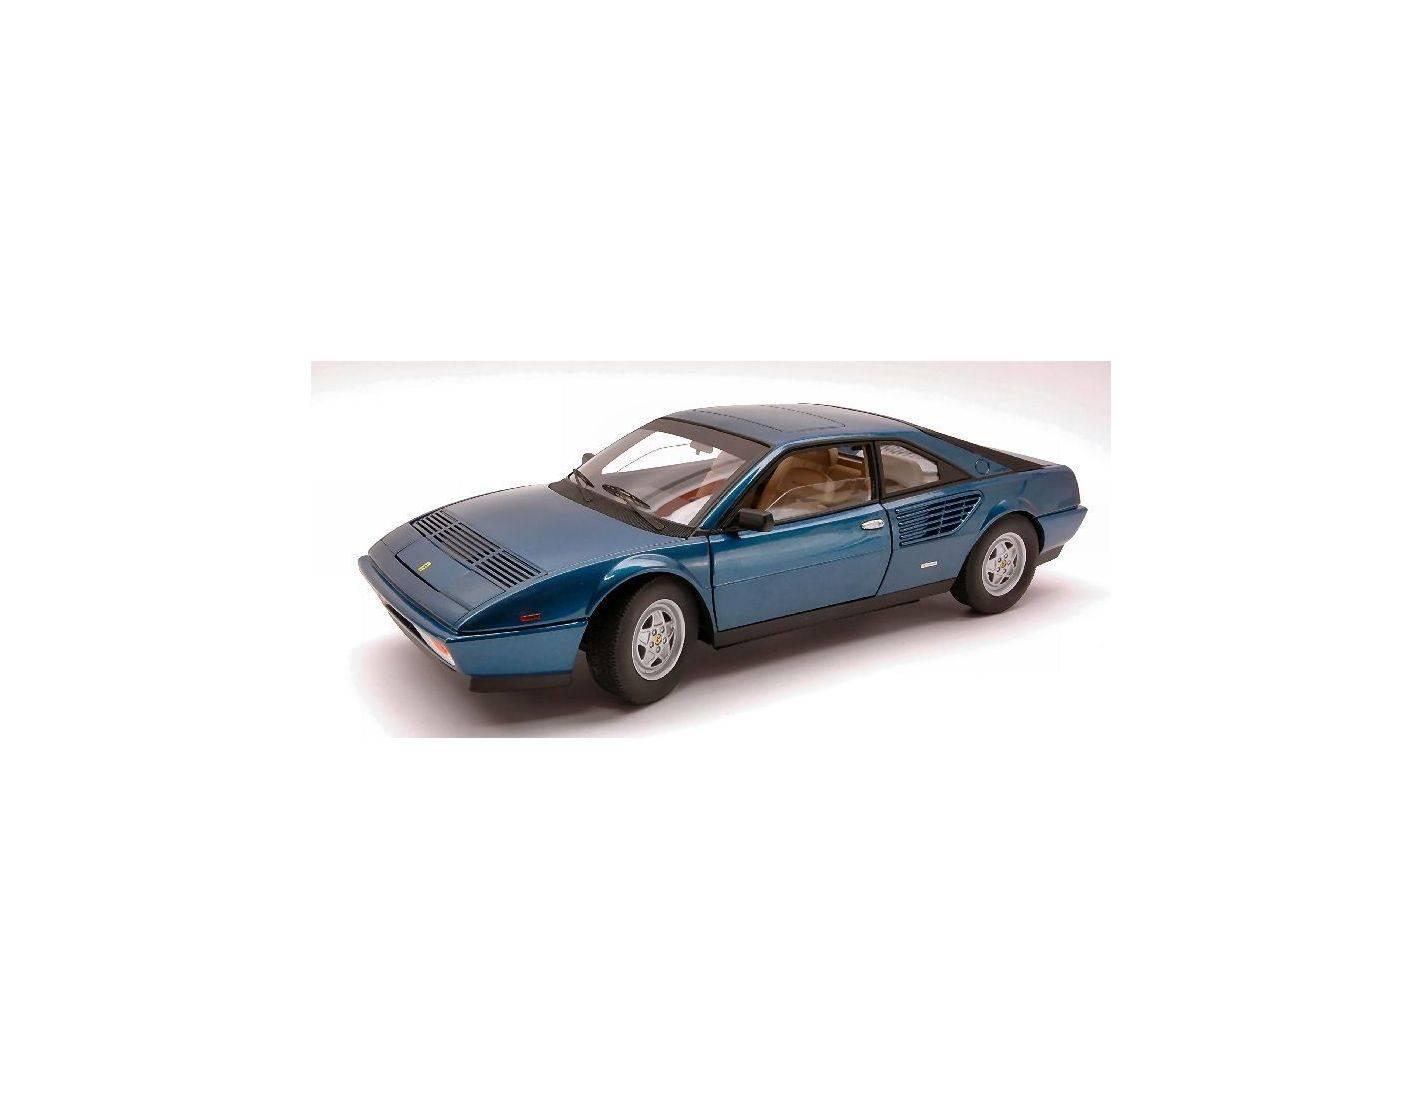 auto 1 18 hot wheels elite p9890 ferrari mondial 8 1980 blue metalizzato 1 18 modellino. Black Bedroom Furniture Sets. Home Design Ideas